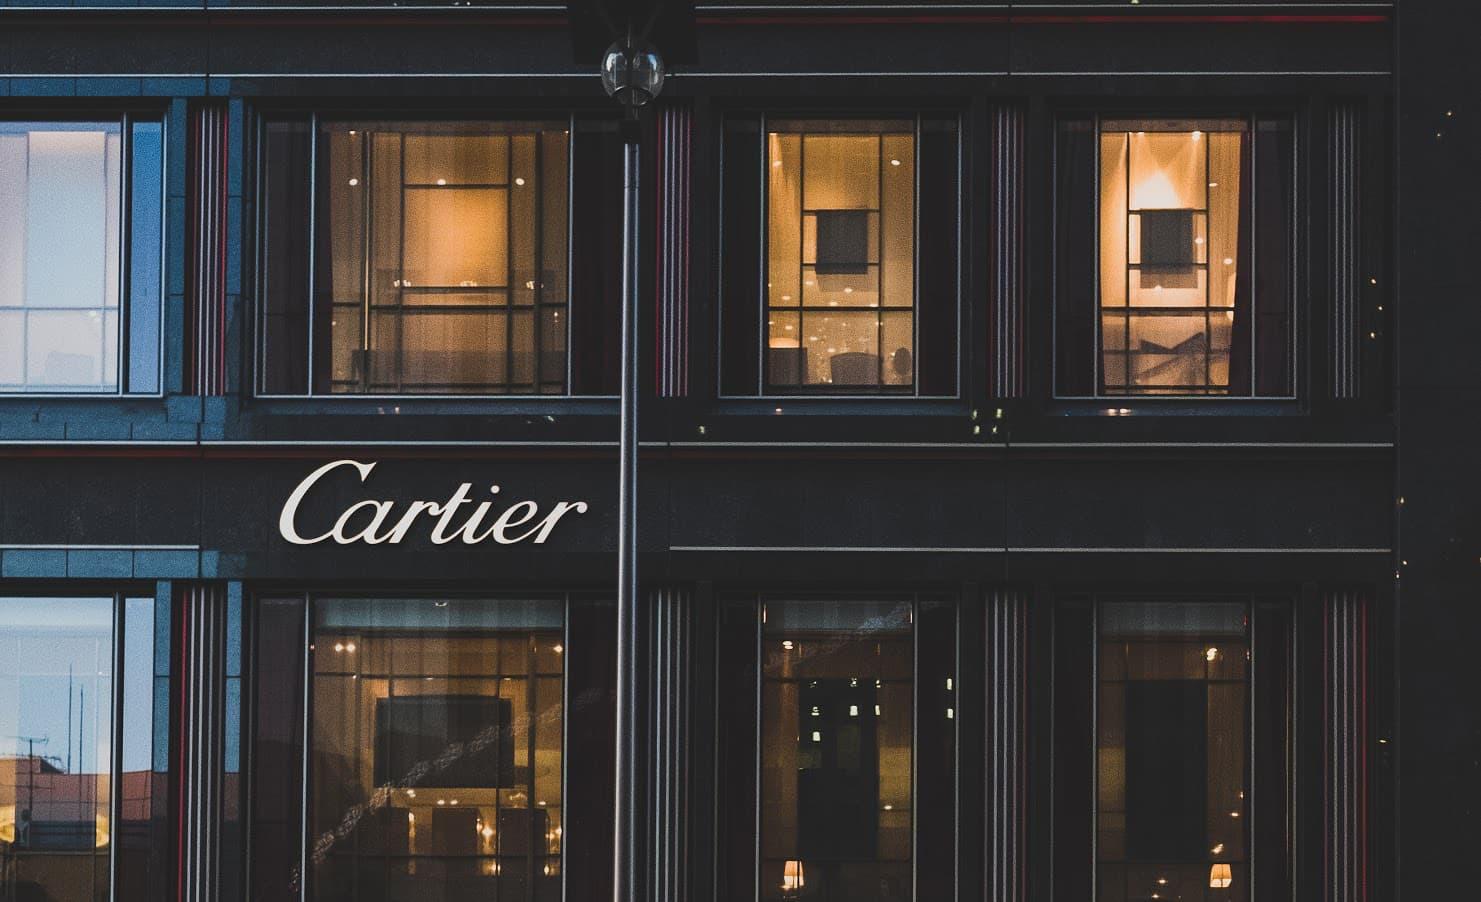 Cartier kommer till Stockholmöppnar butik i Biblioteksstan u2013 Thatsup